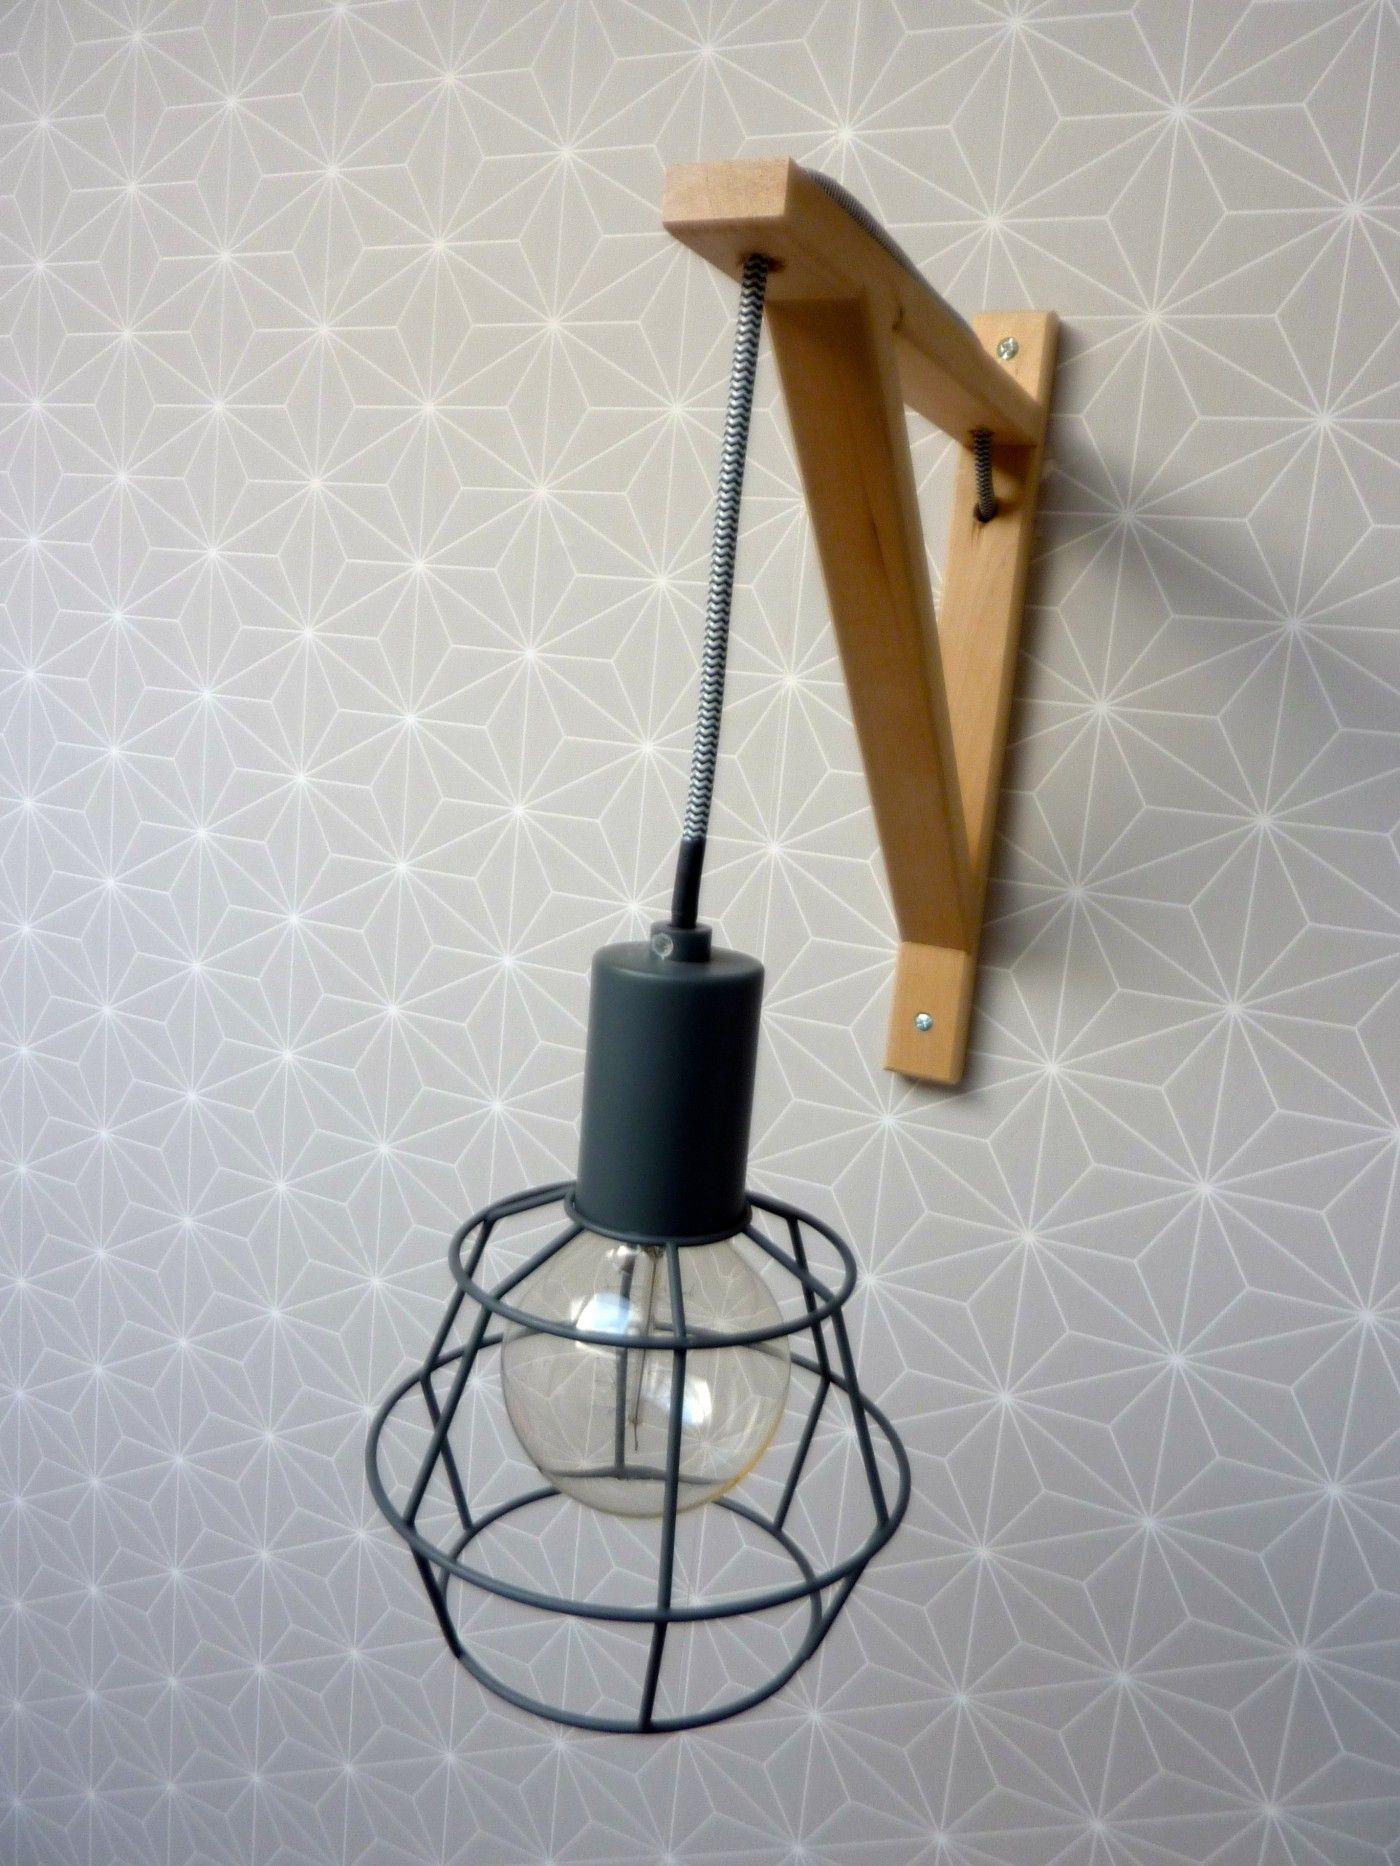 Super Idée simple et astucieuse pour créer une applique style scandinave  GE08